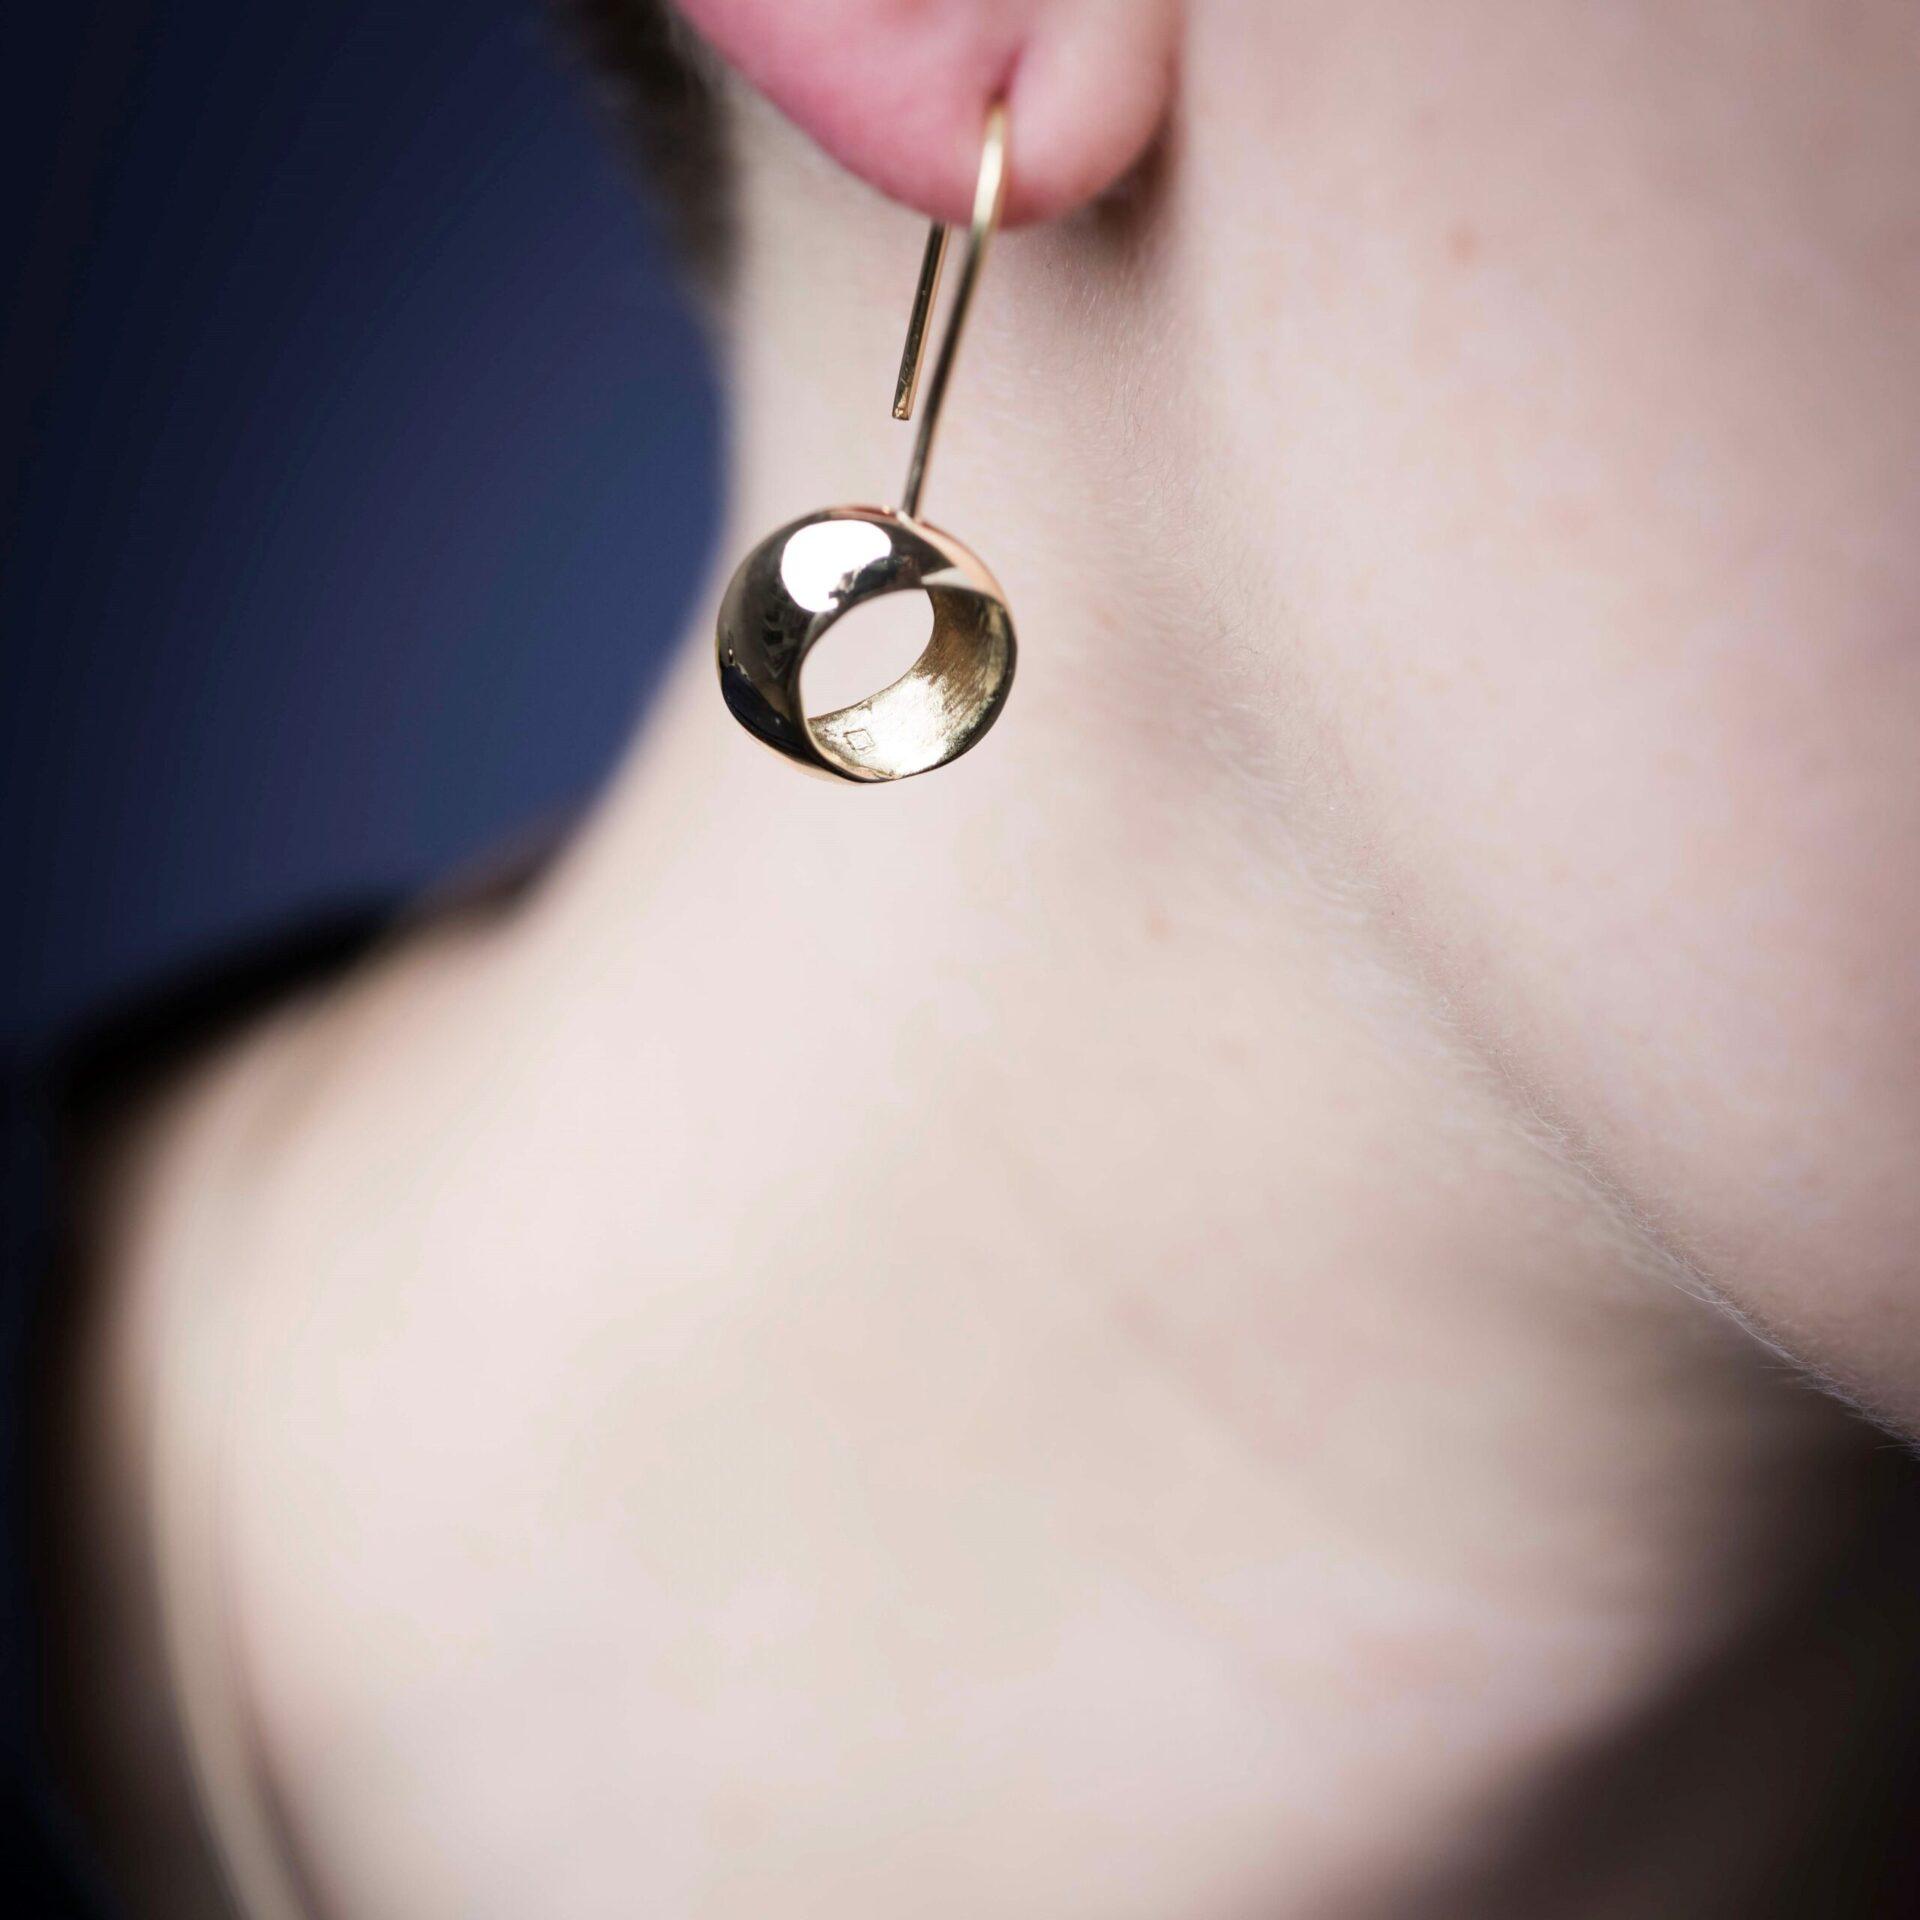 ECLIPSE OR ET ARGENT boucles d'oreilles recycle eco responsable designer artisan paris vincennes